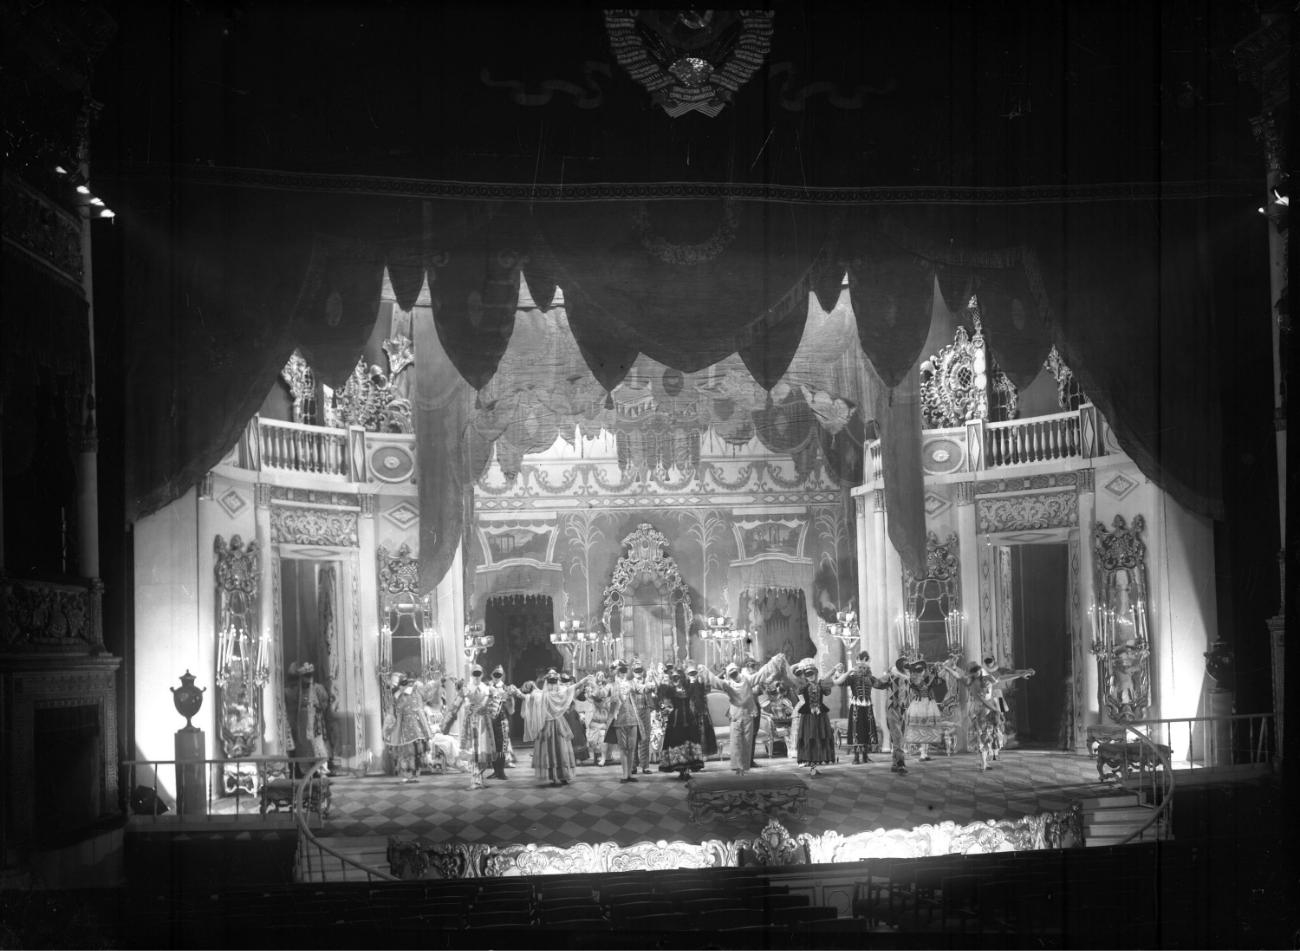 """Una scena tratta dallo spettacolo """"Ballo in maschera"""" di Lermontov, 1938. Fonte: ufficio stampa"""